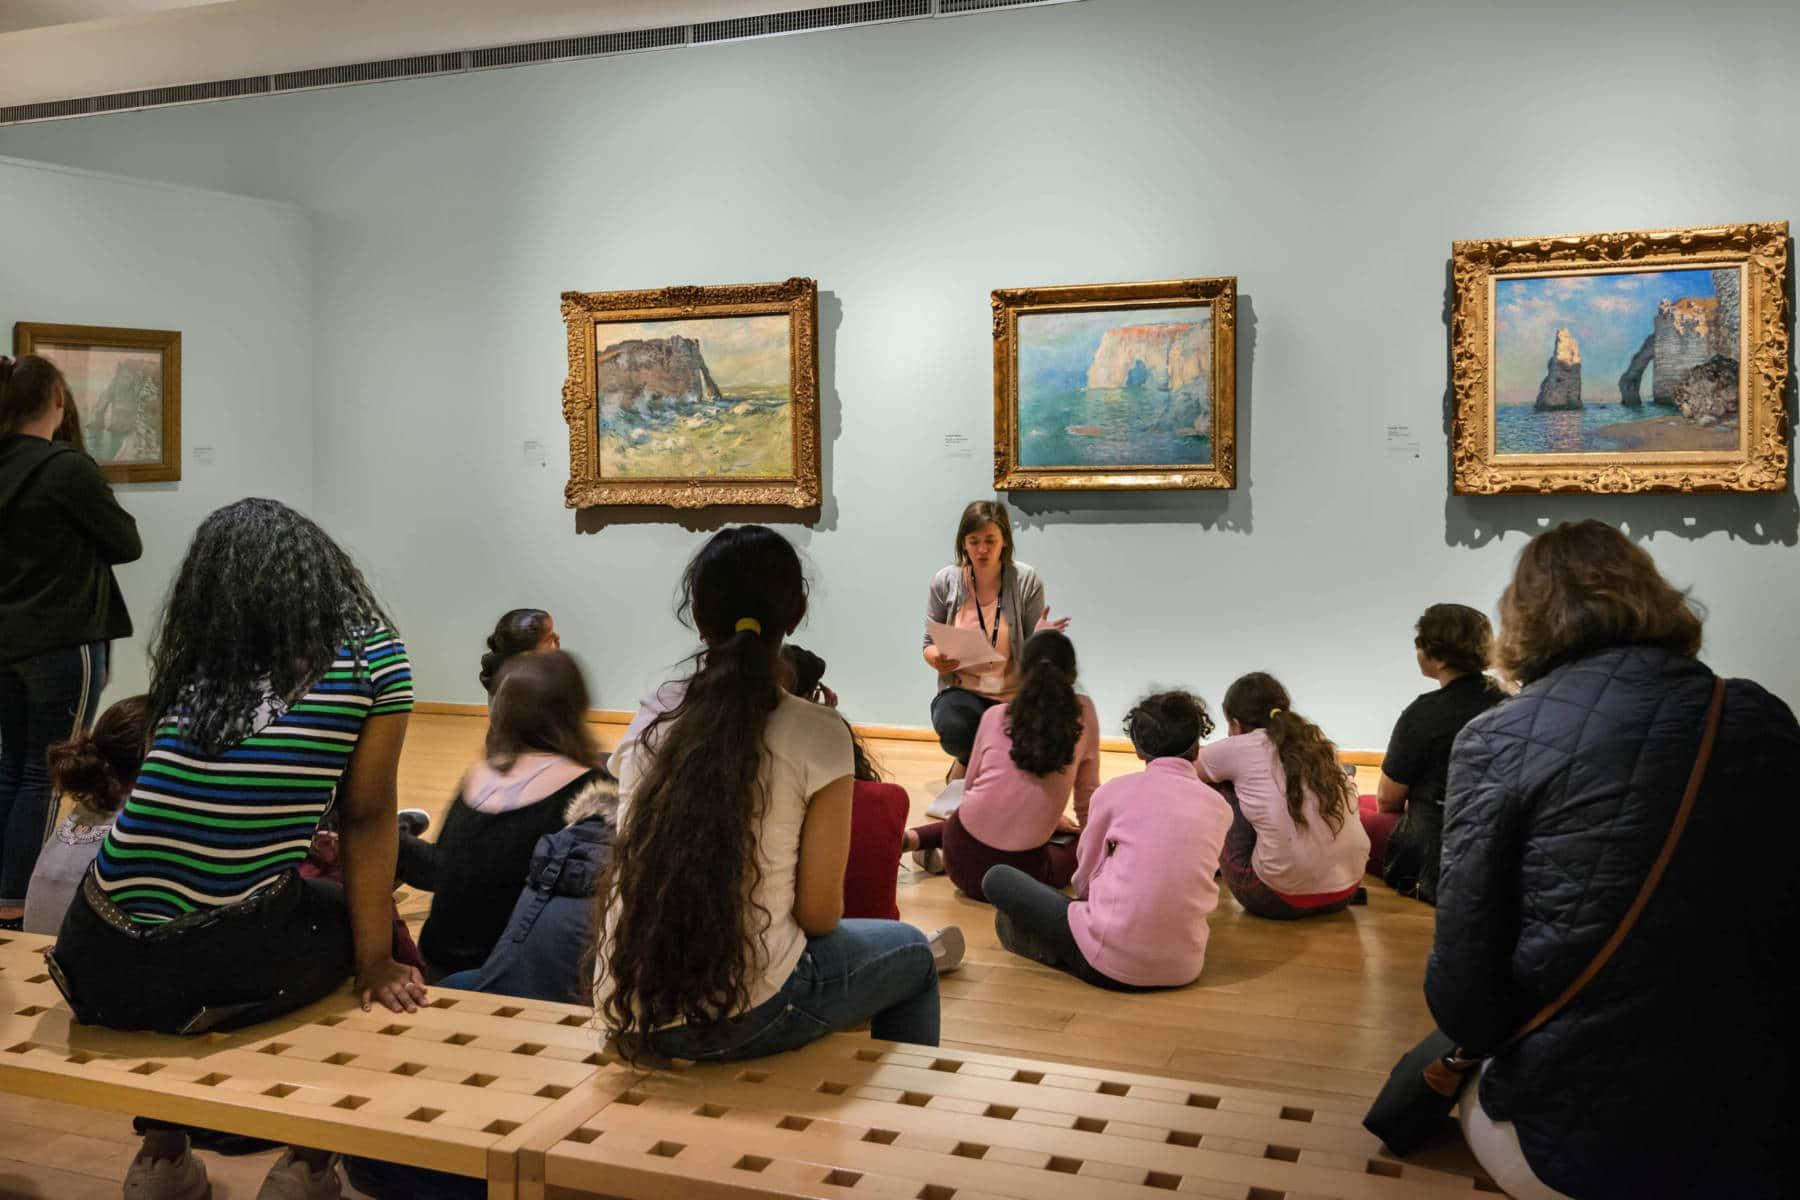 Visite guidée pour les scolaires au musée des impressionnismes Giverny